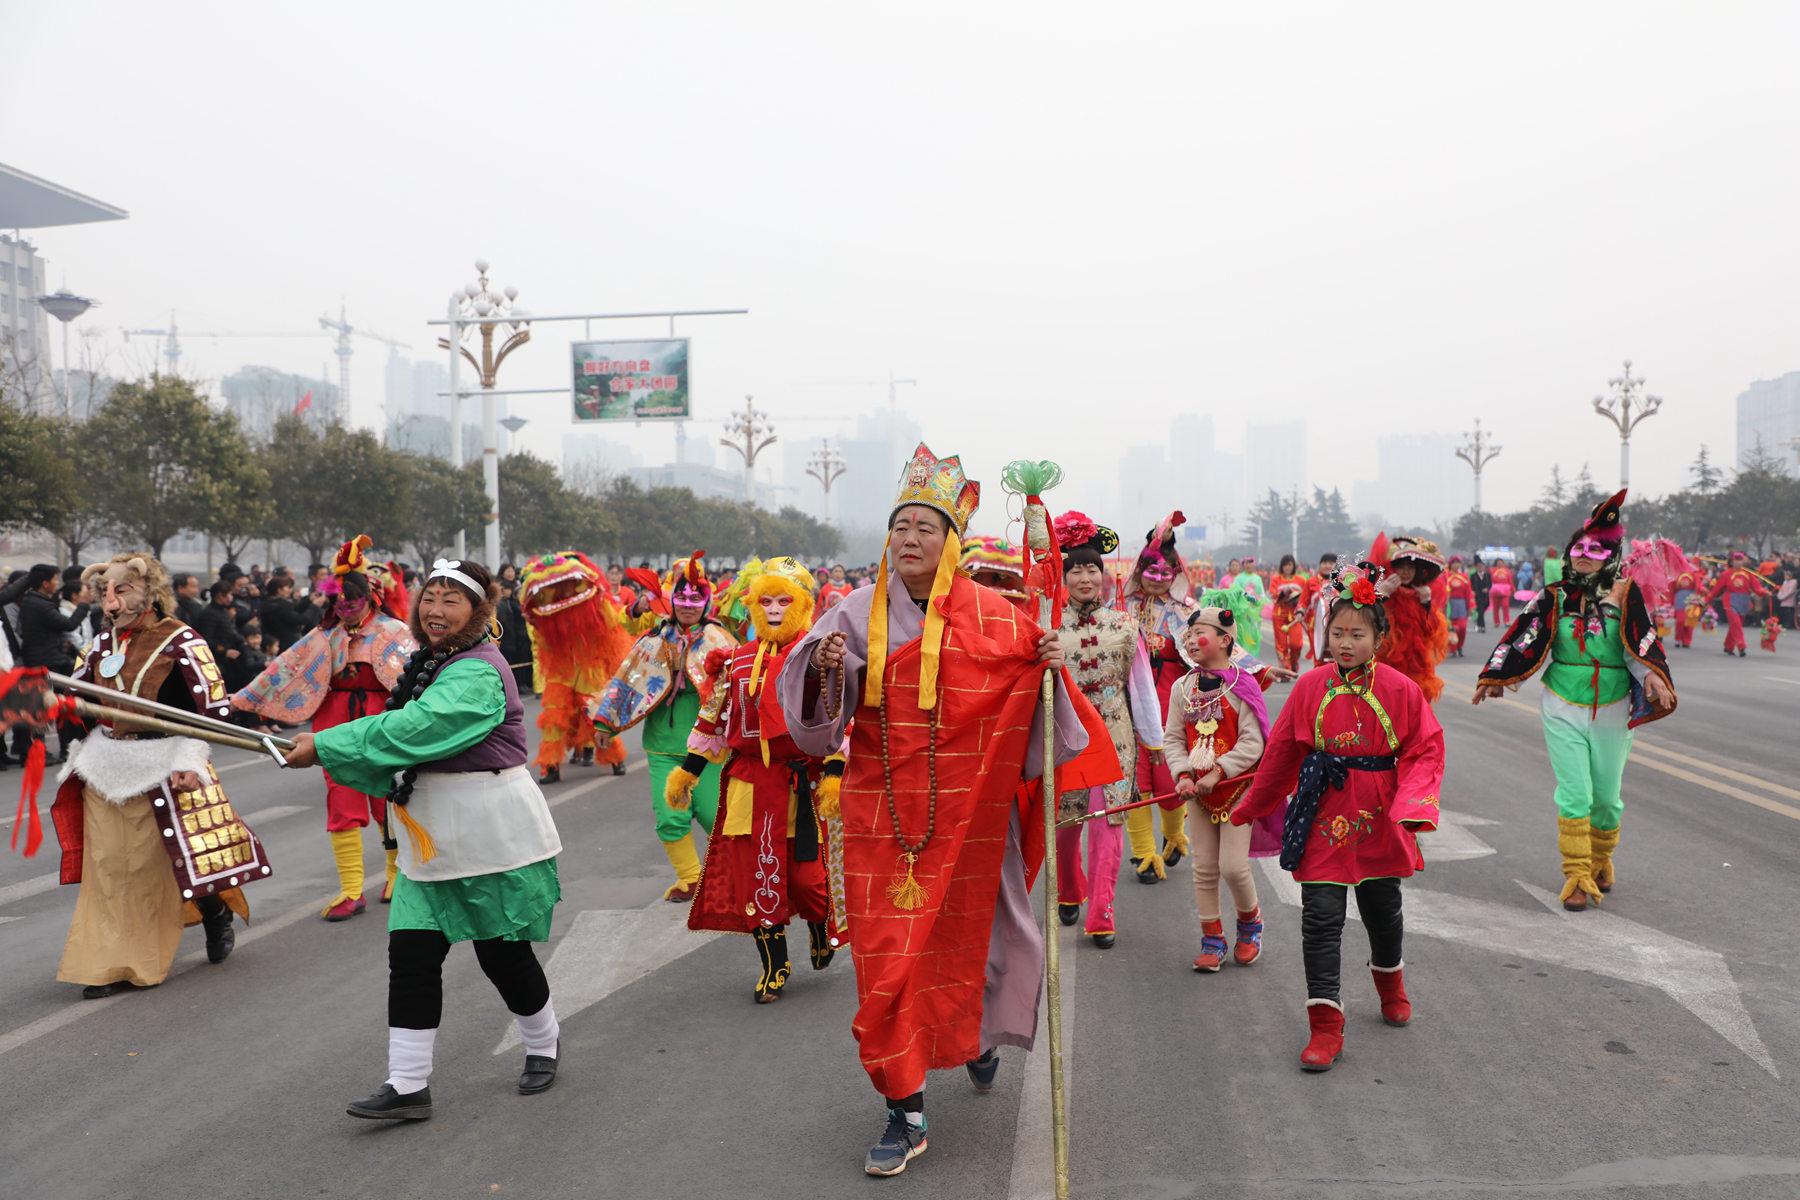 林州市2018年春节大型民间文艺汇演隆重举行